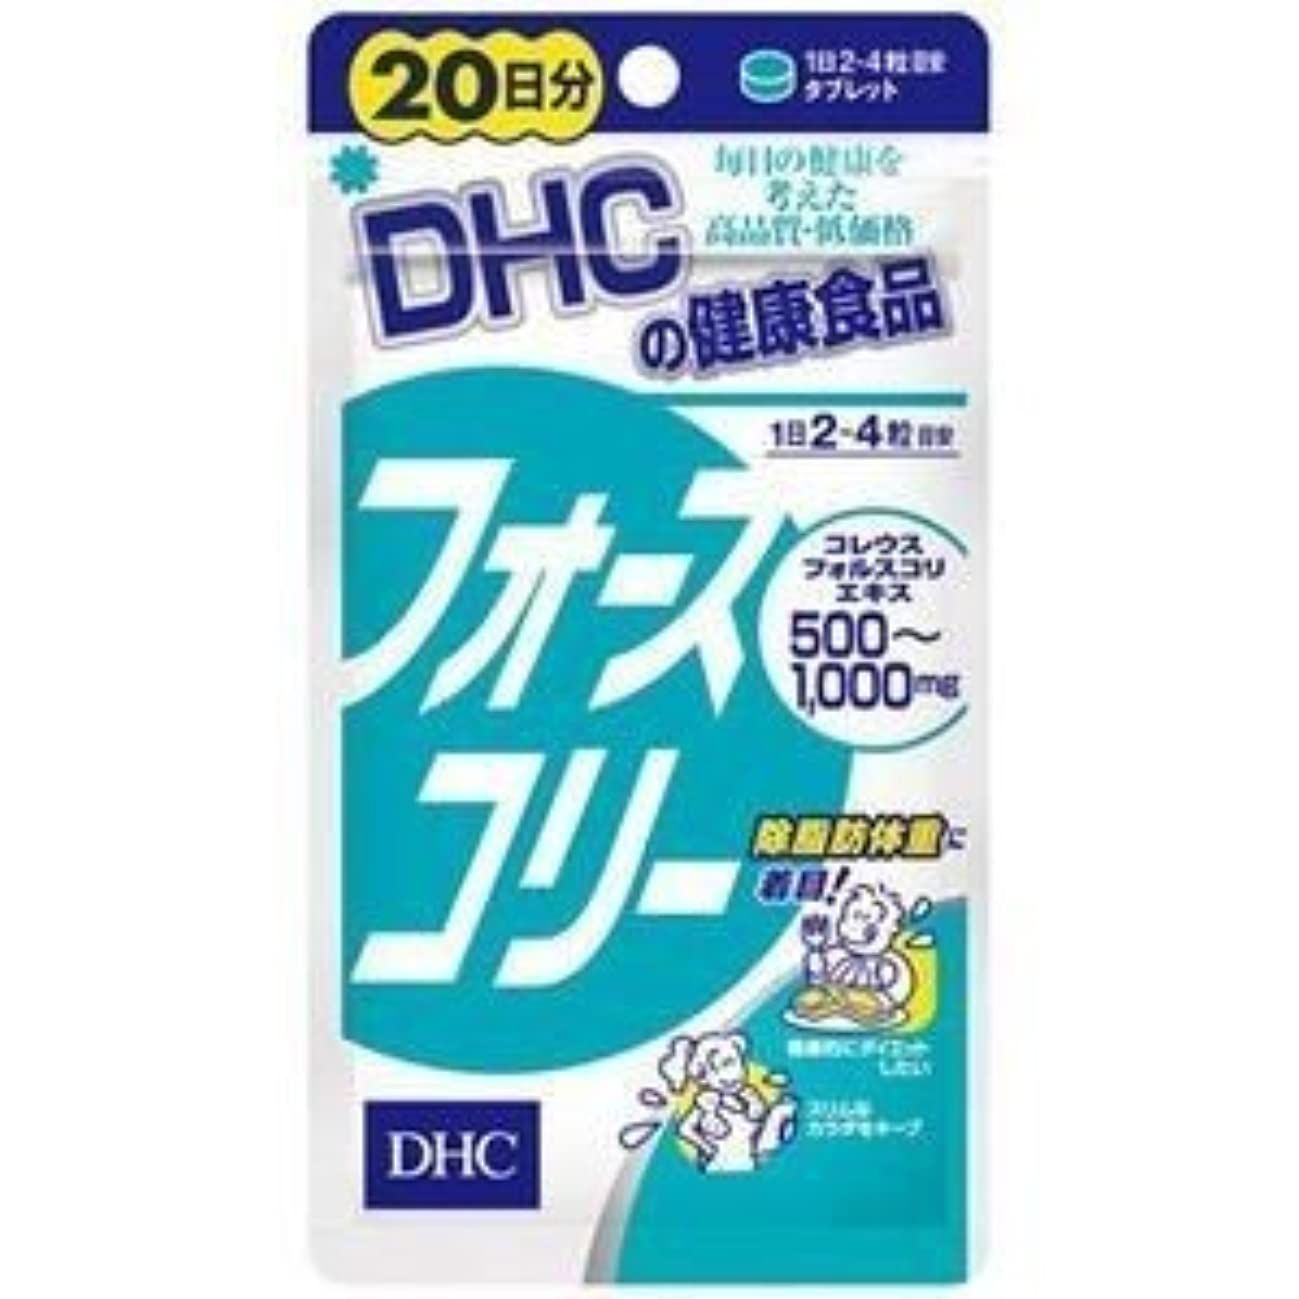 同化請負業者失望させるDHC フォースコリー 20日分 80粒